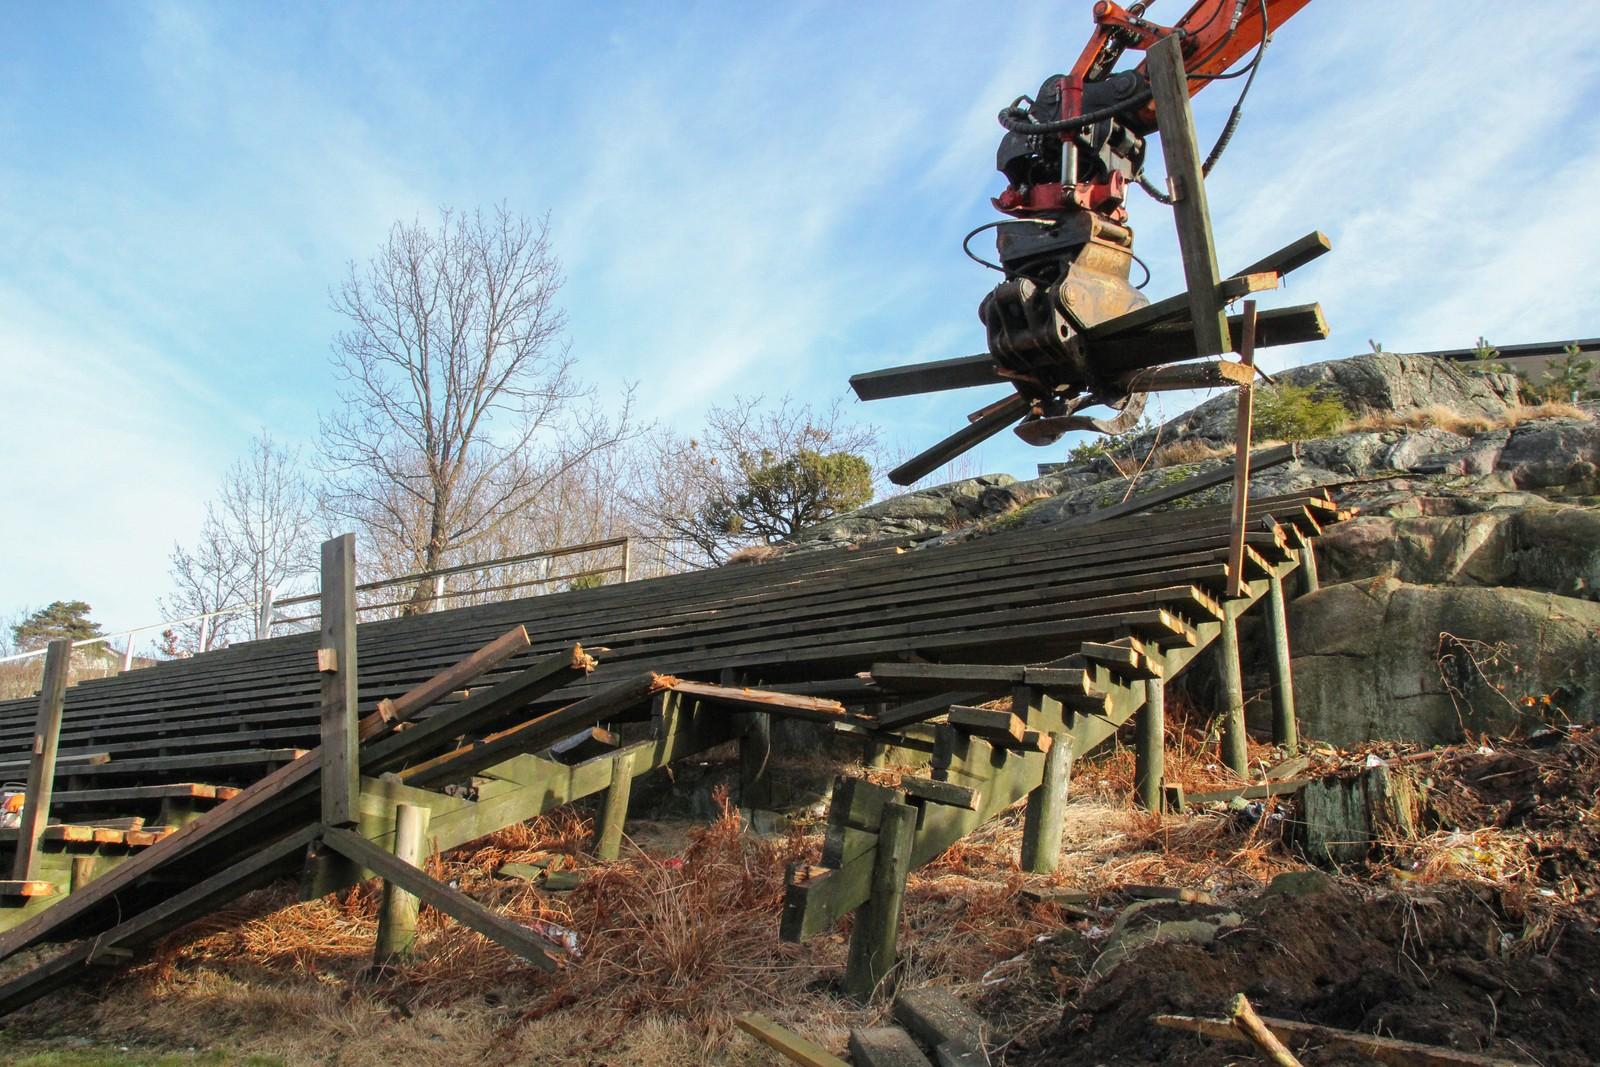 Nå rives tribuneanlegget og det kommer et nytt i betong.